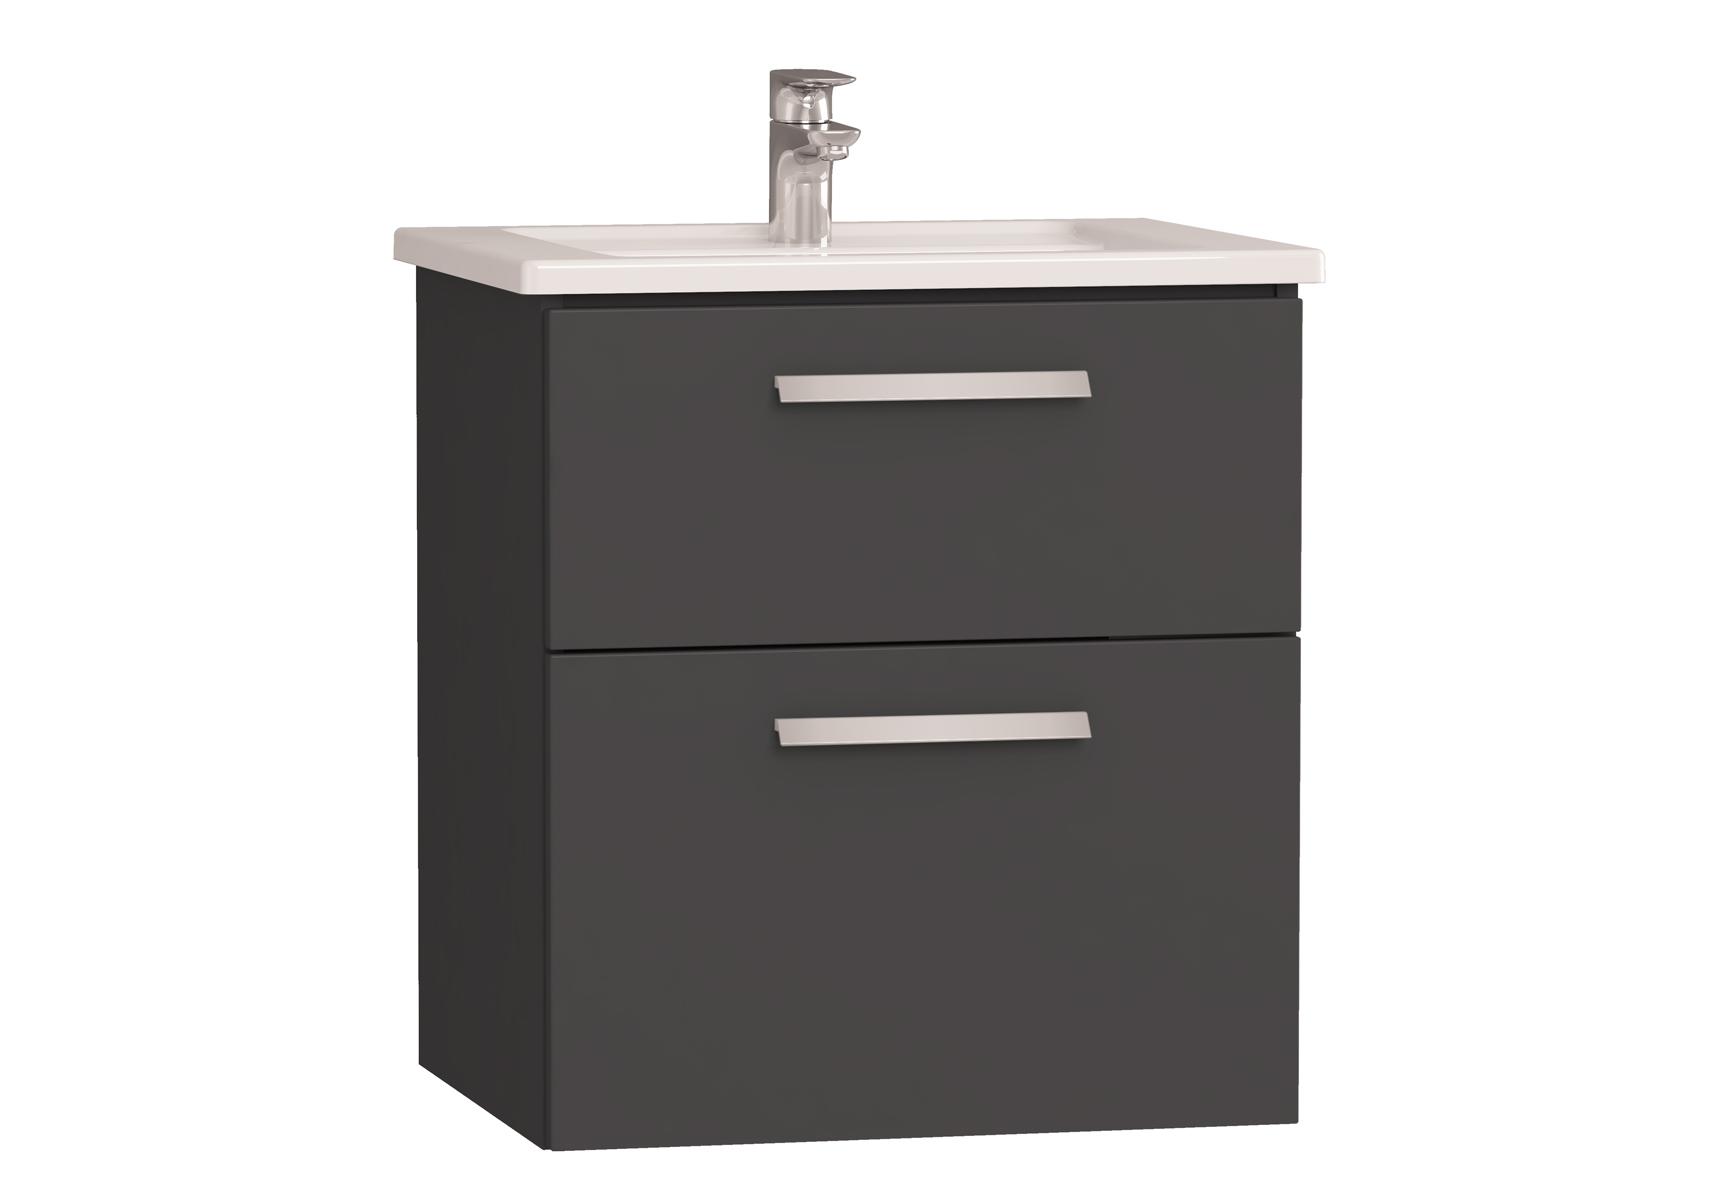 Integra meuble avec plan céramique avec deux tiroirs, 60 cm, anthraciteacite haute brillance